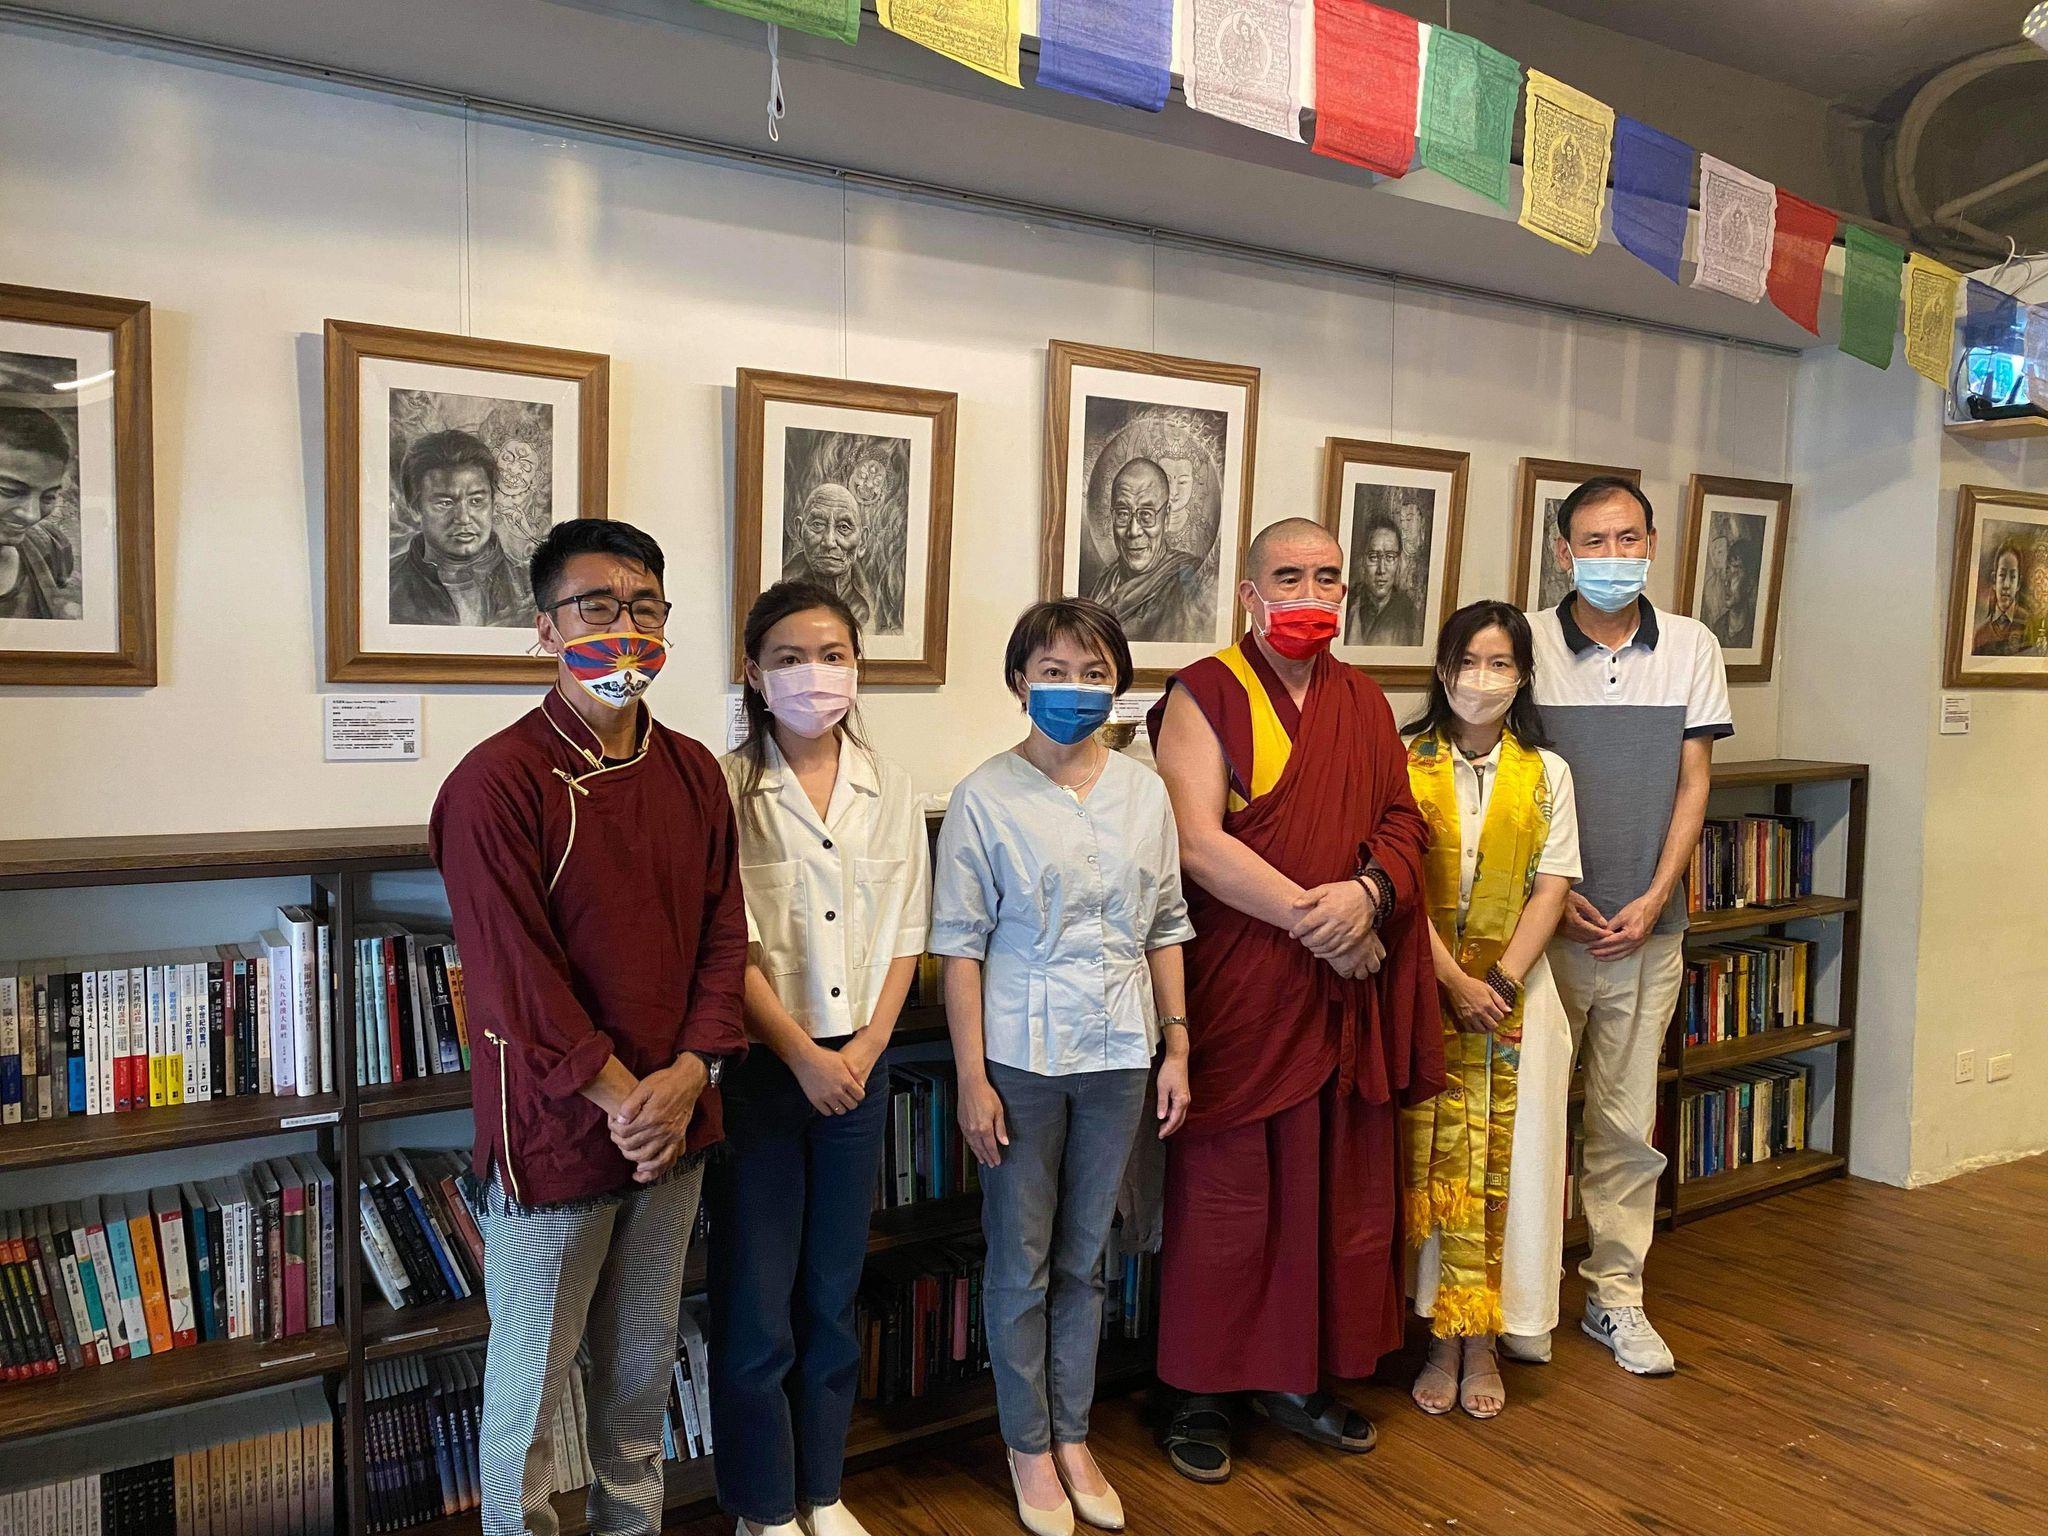 台湾创作者为西藏发声,展出十六幅西藏人权捍卫者肖像